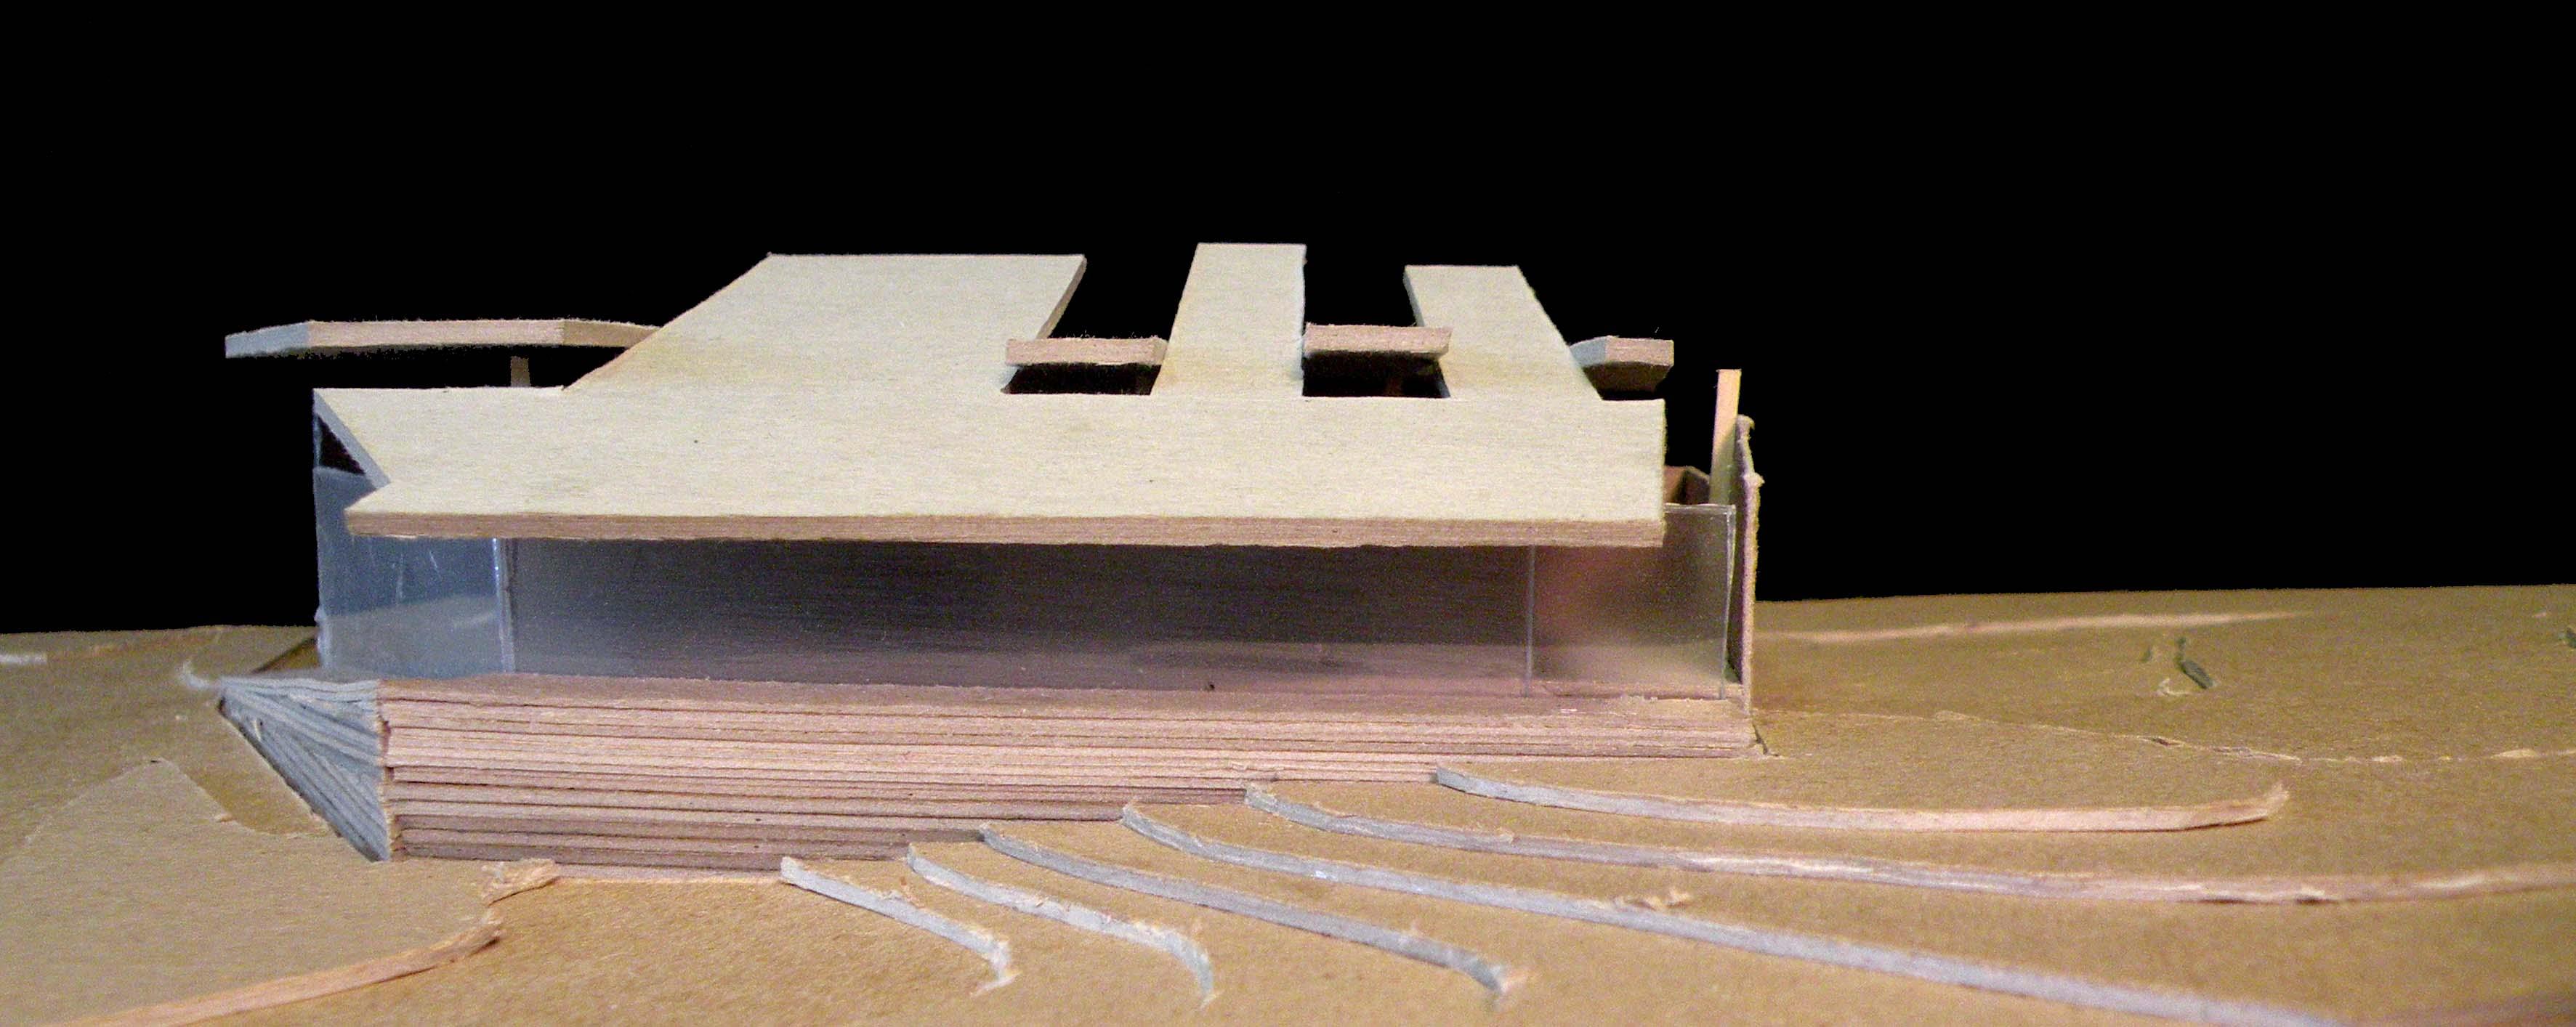 Mass Model- Entrance Facade